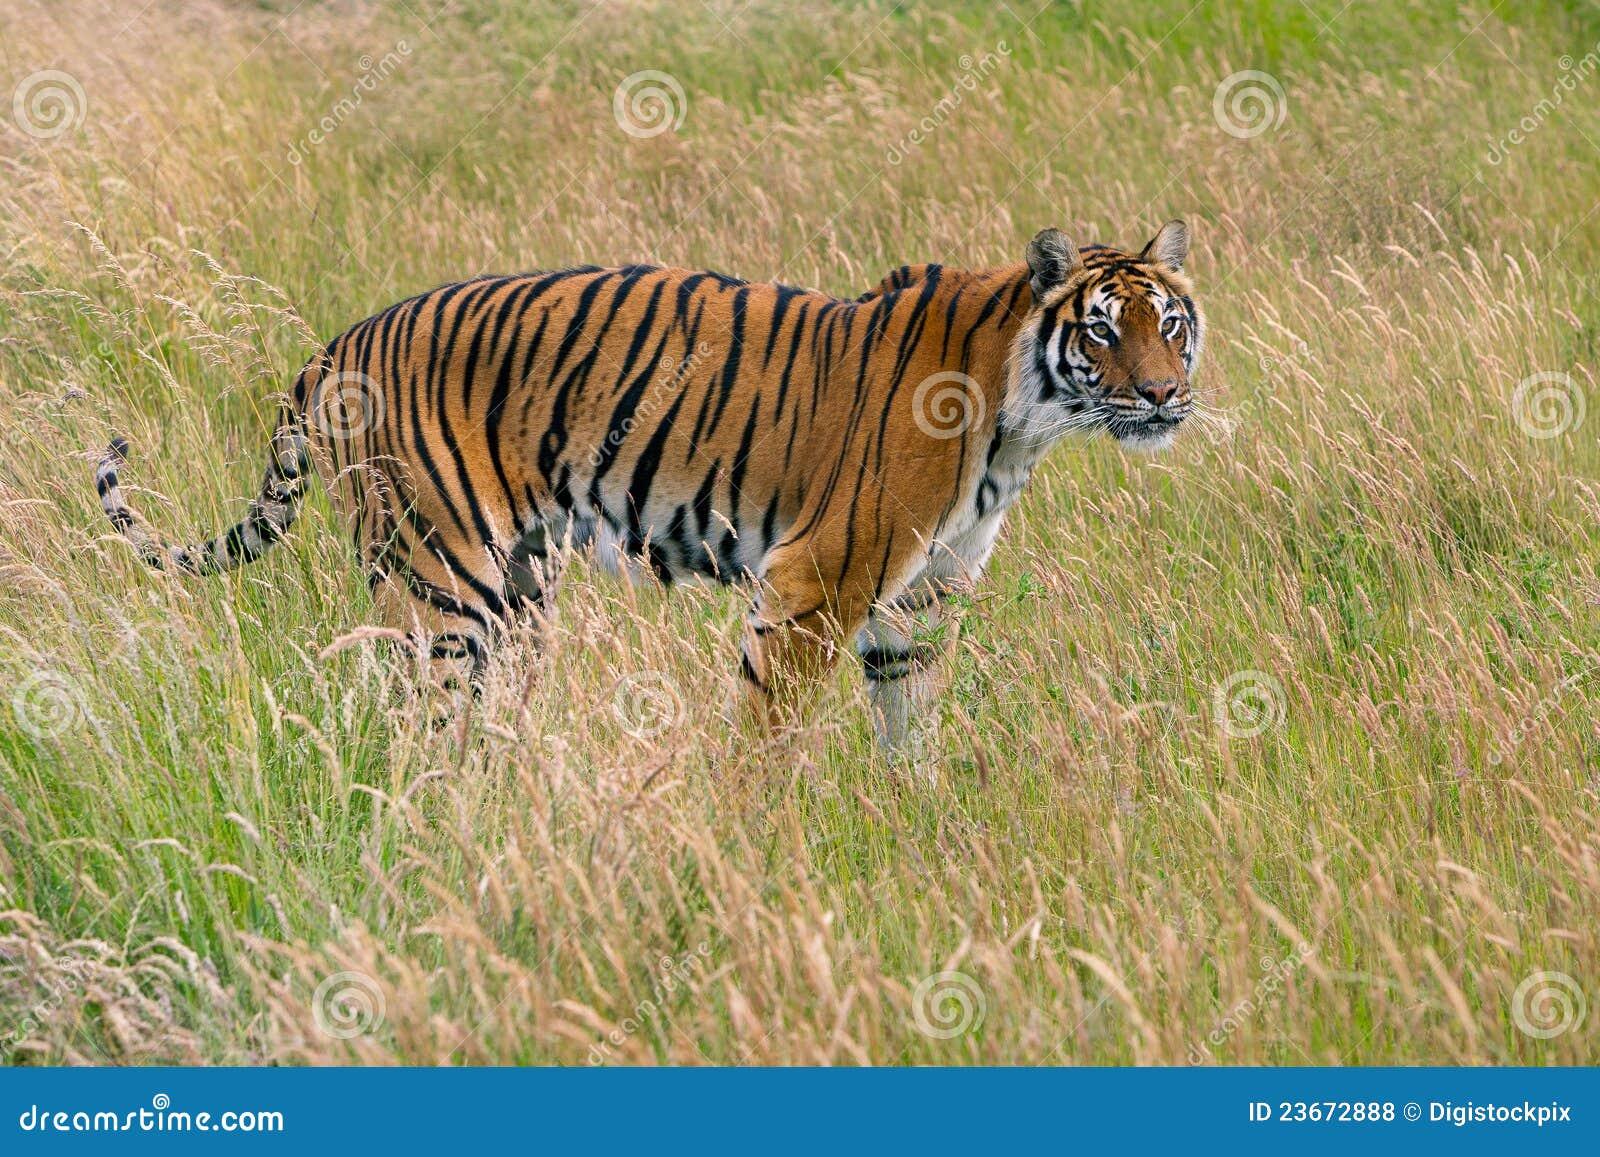 bengal tiger  panthera tigris tigris  royalty free stock panther clip art mascots panthers clip art